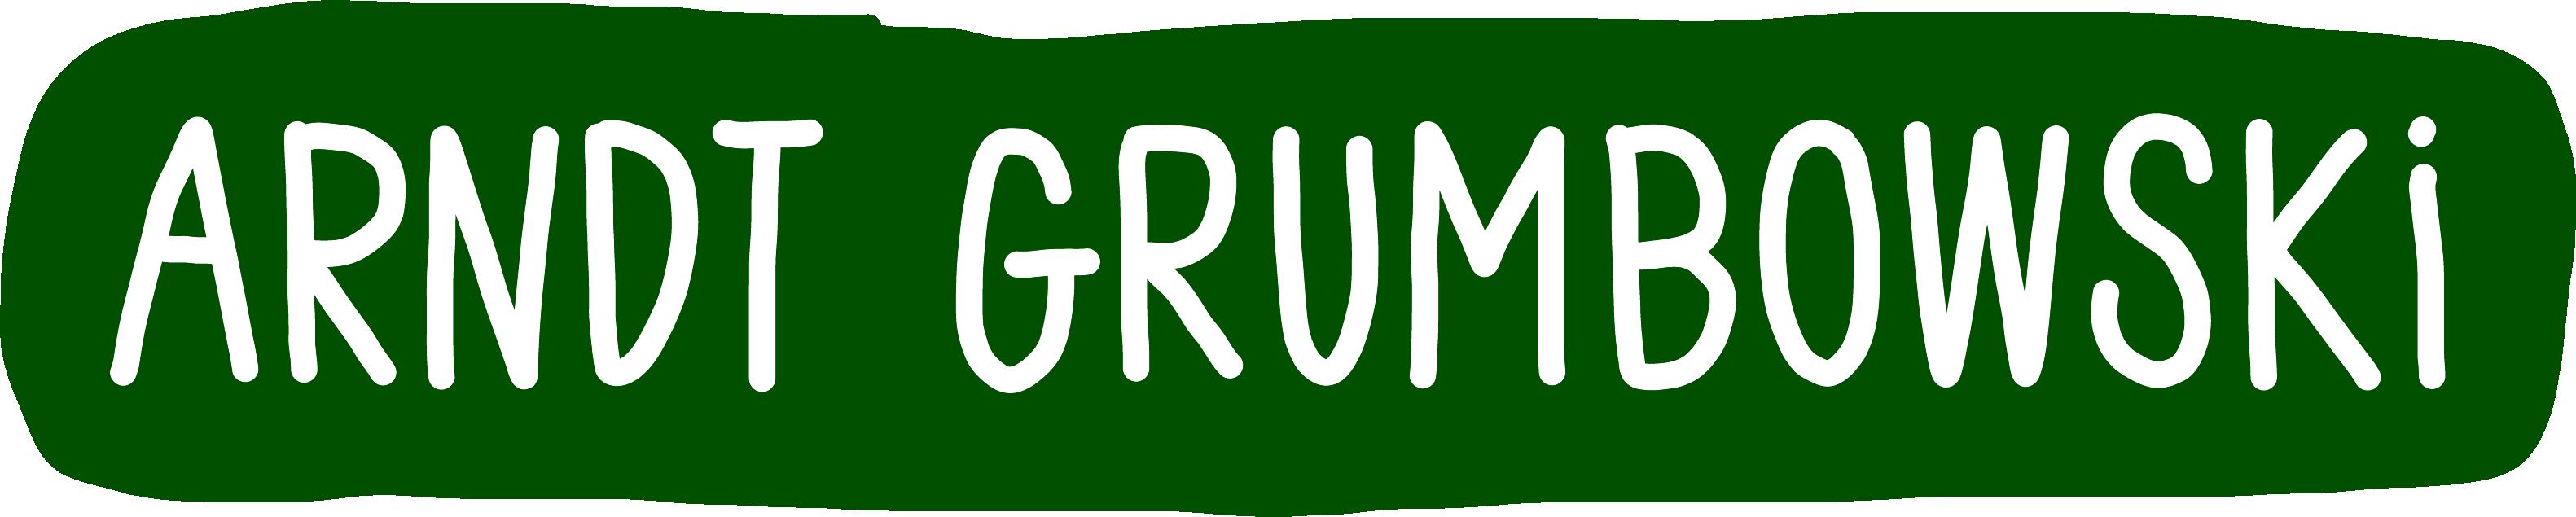 ARNDT GRUMBOWSKI